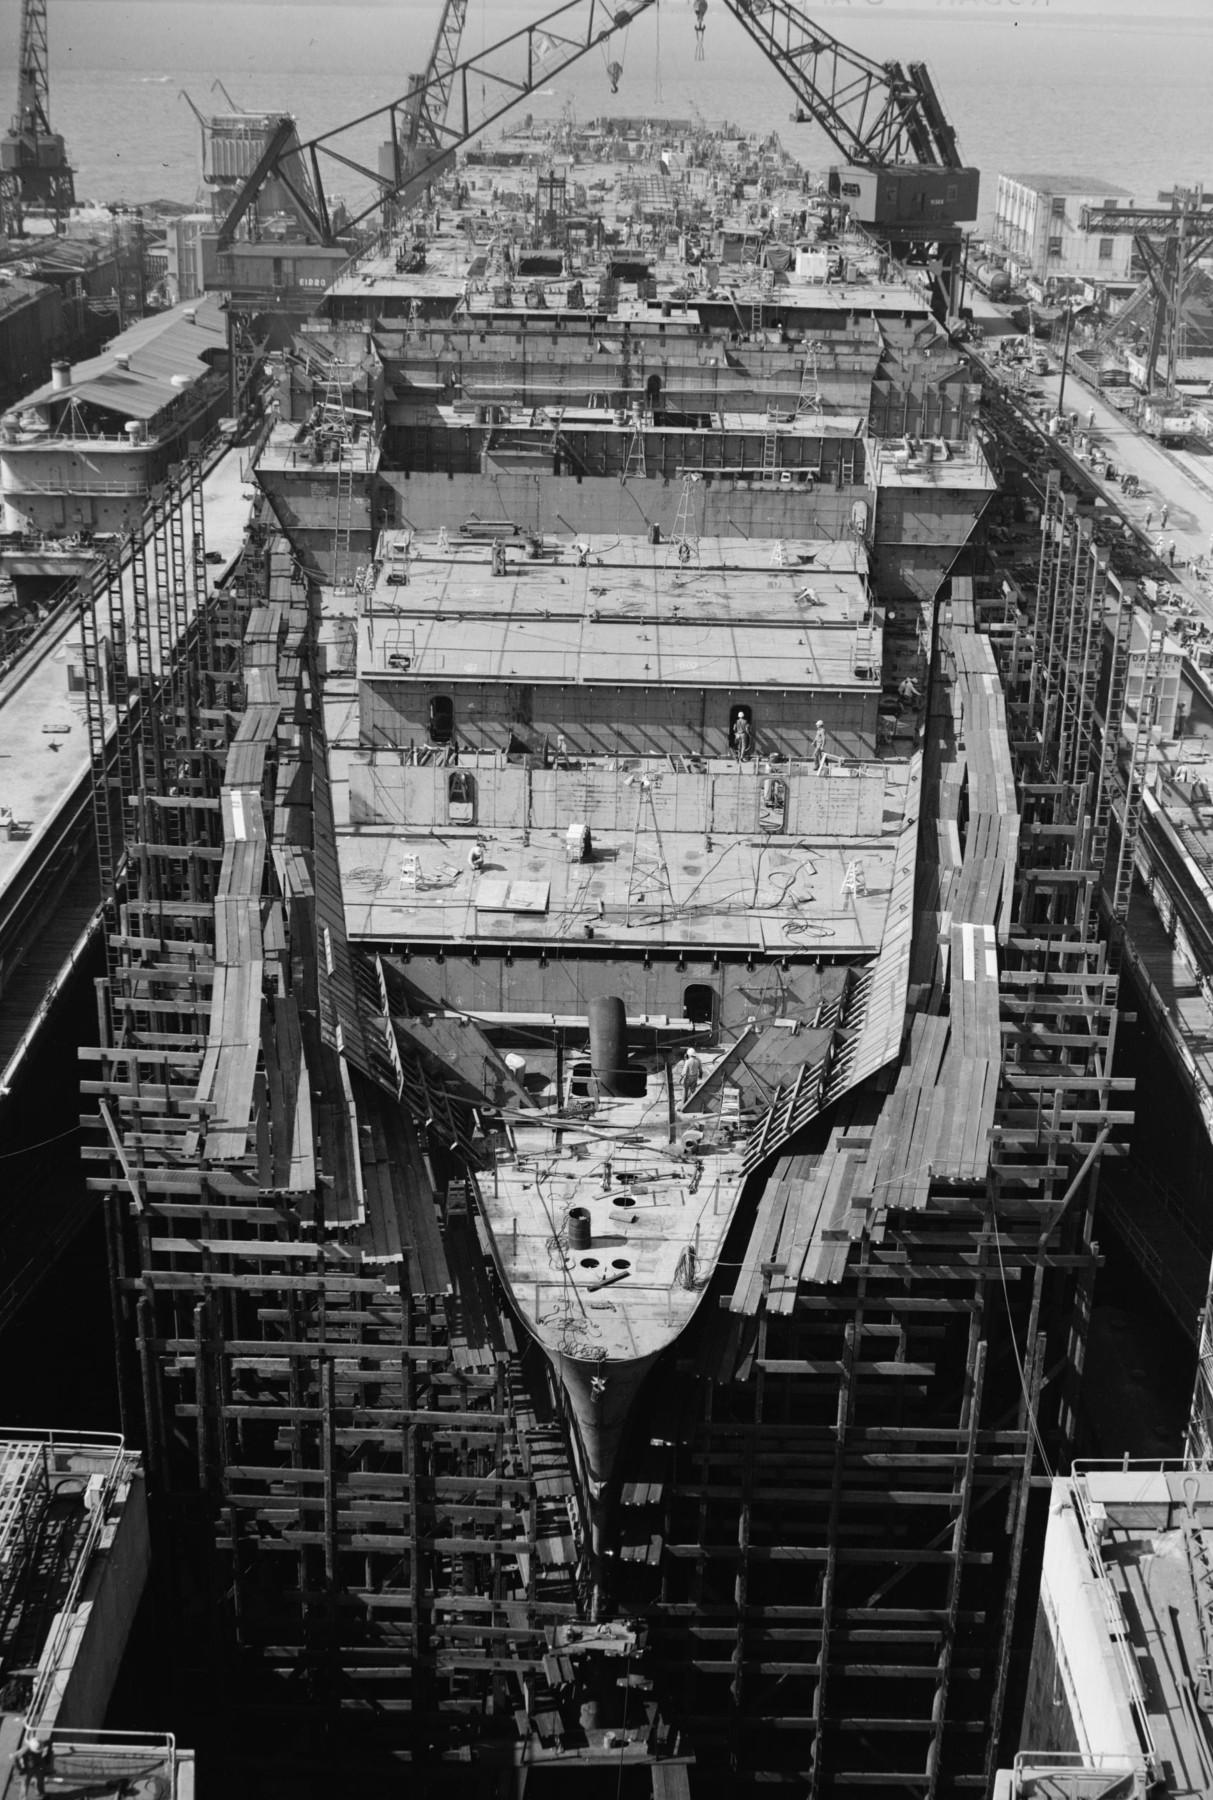 Aircraft Carrier Engine Room: USS John F. Kennedy CV-67 Aircraft Carrier US Navy